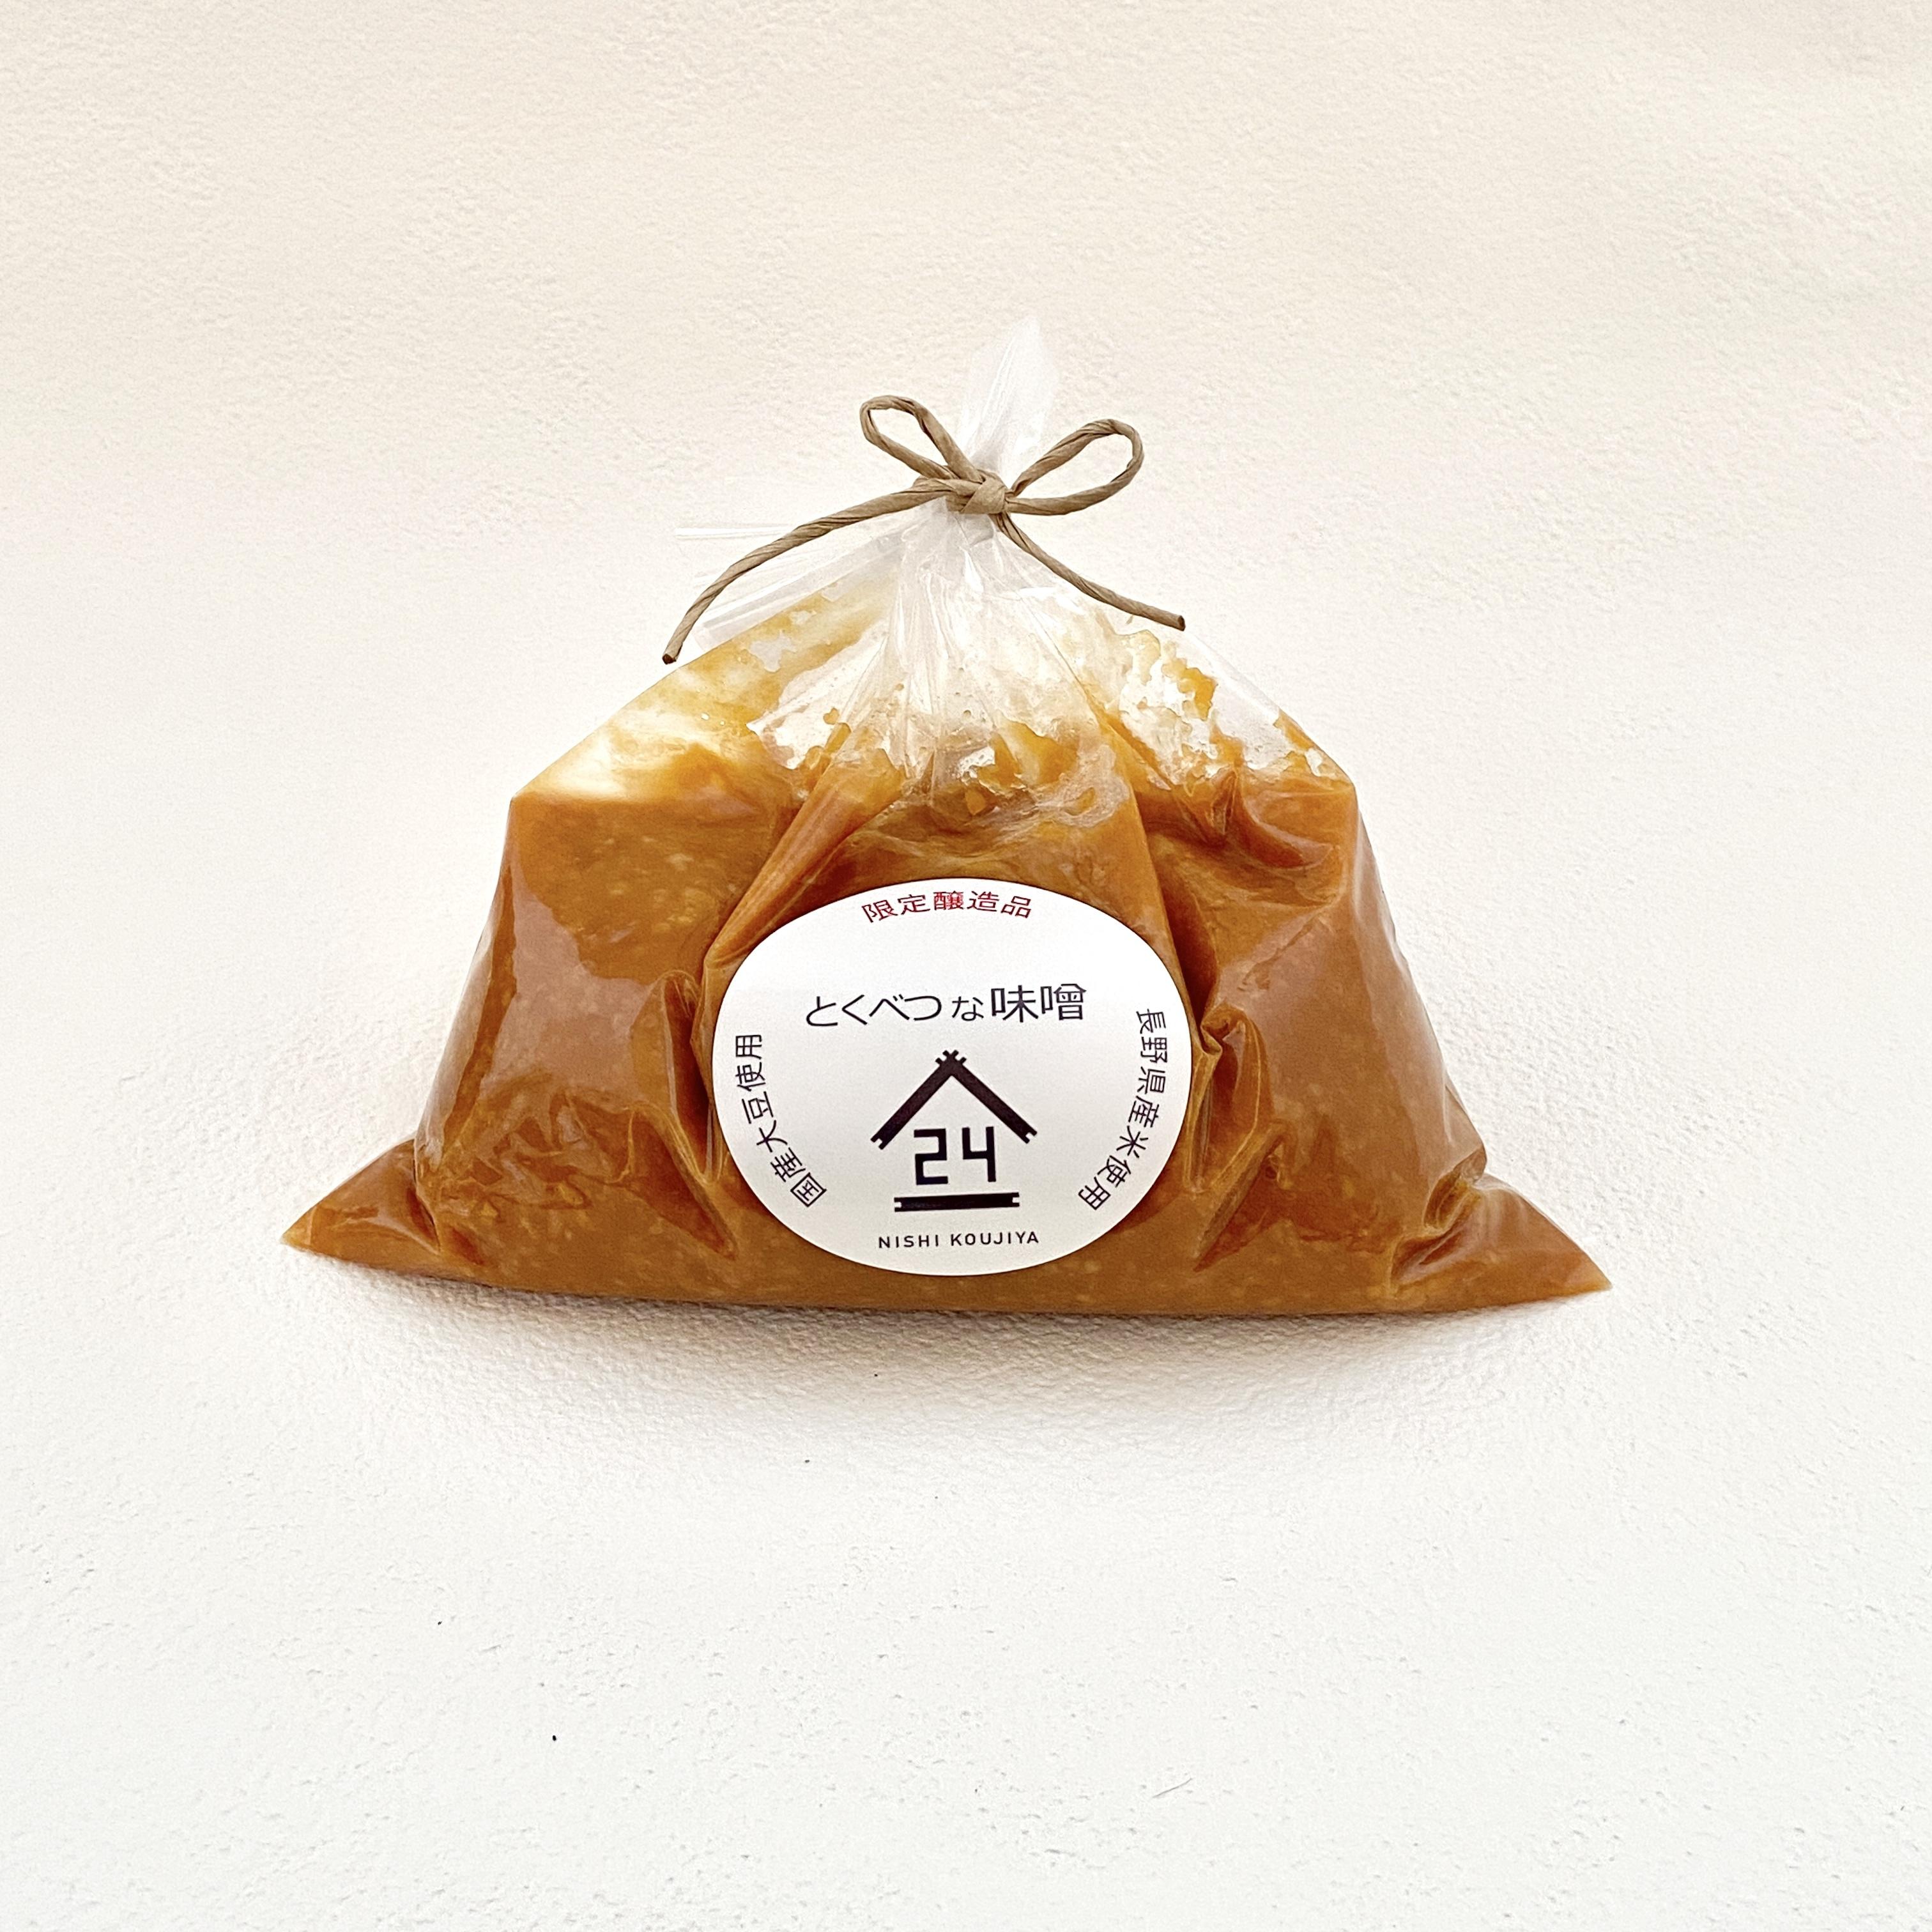 特別な味噌 限定醸造品 500g